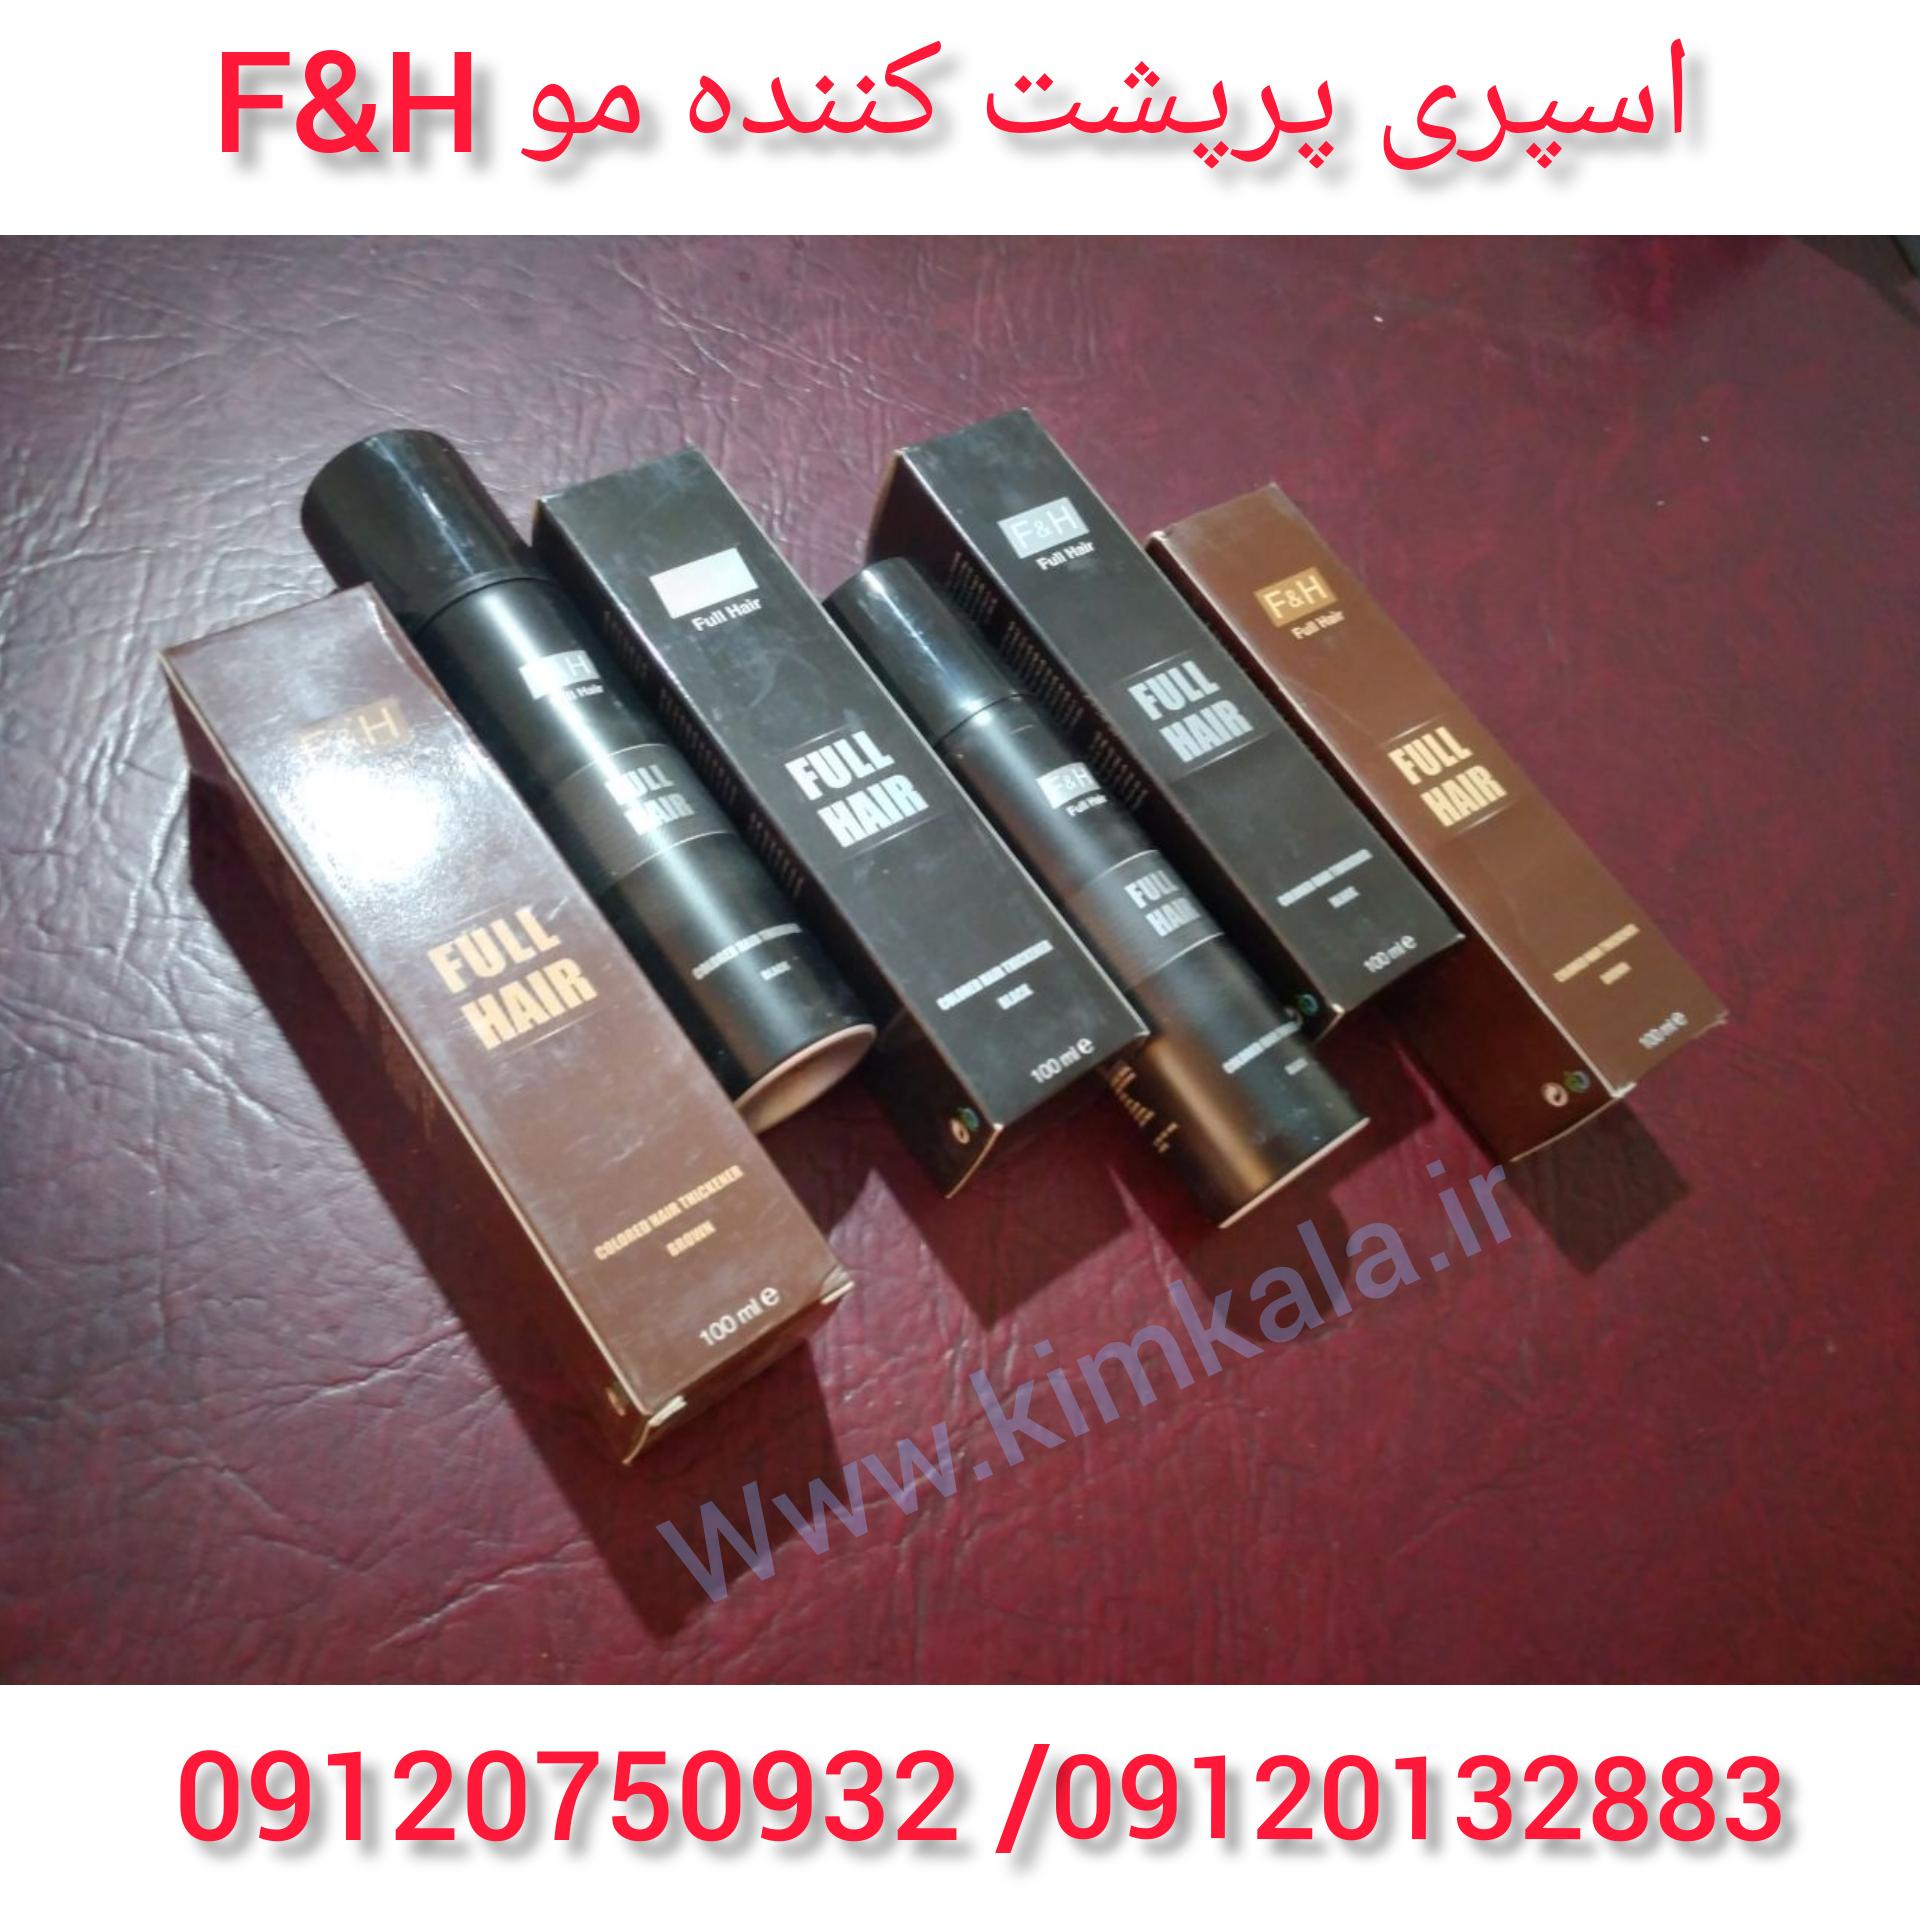 اسپری پرپشت کننده مو(F&H(09120132883/پرپشت کننده مو